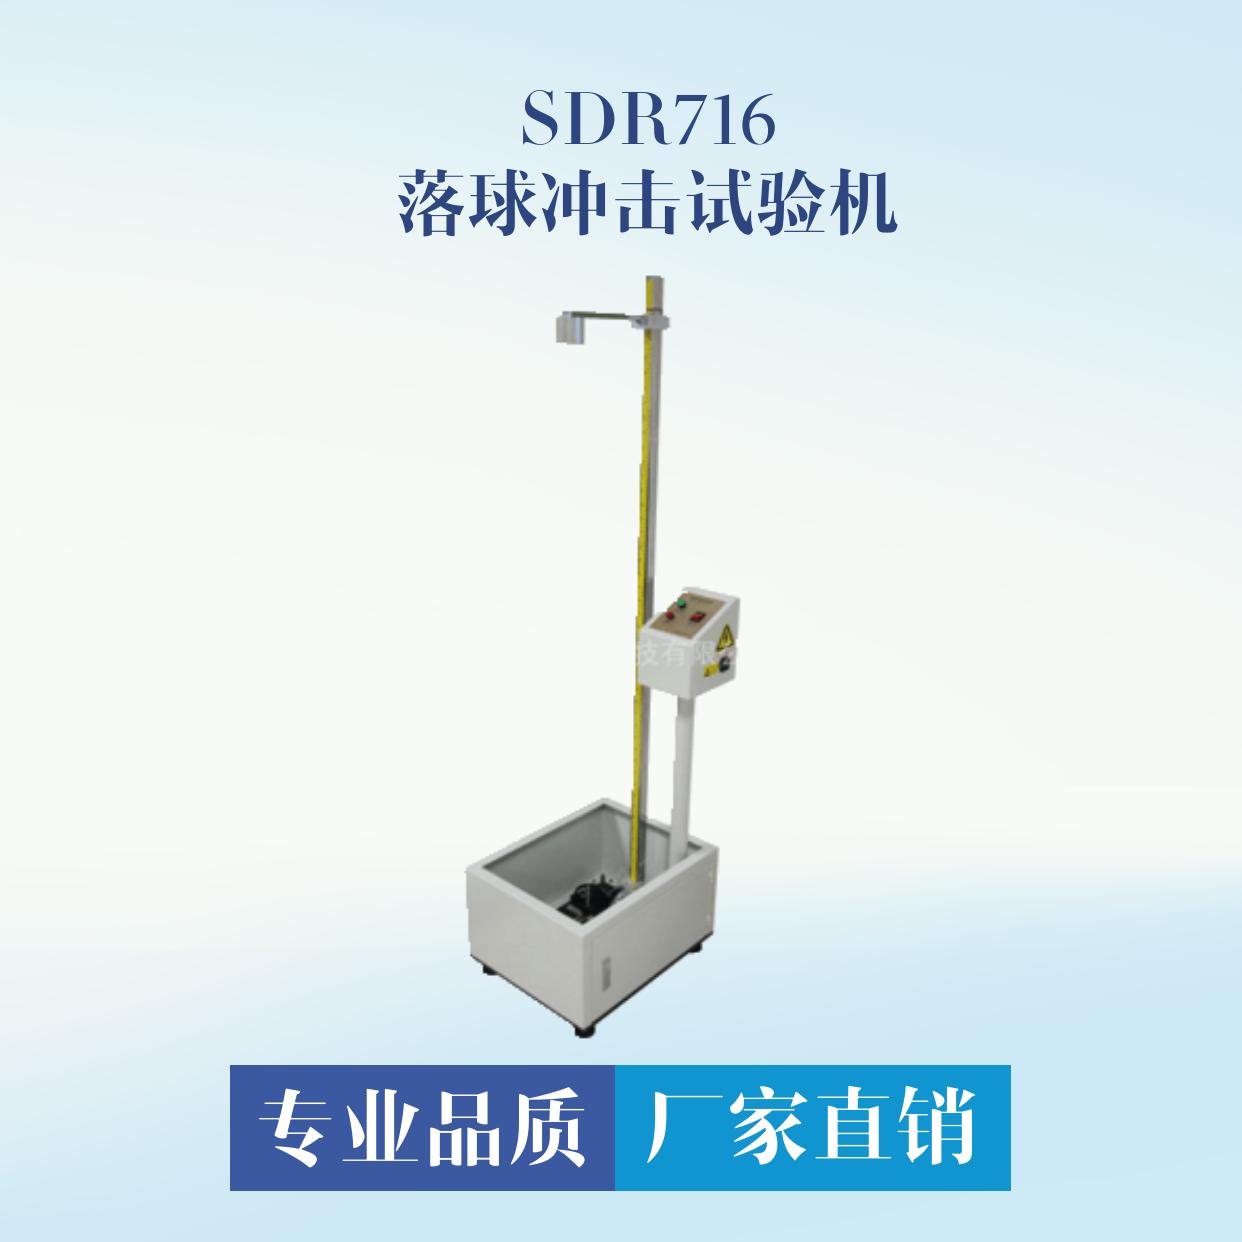 SDR716玻璃镜片落球冲击检测仪